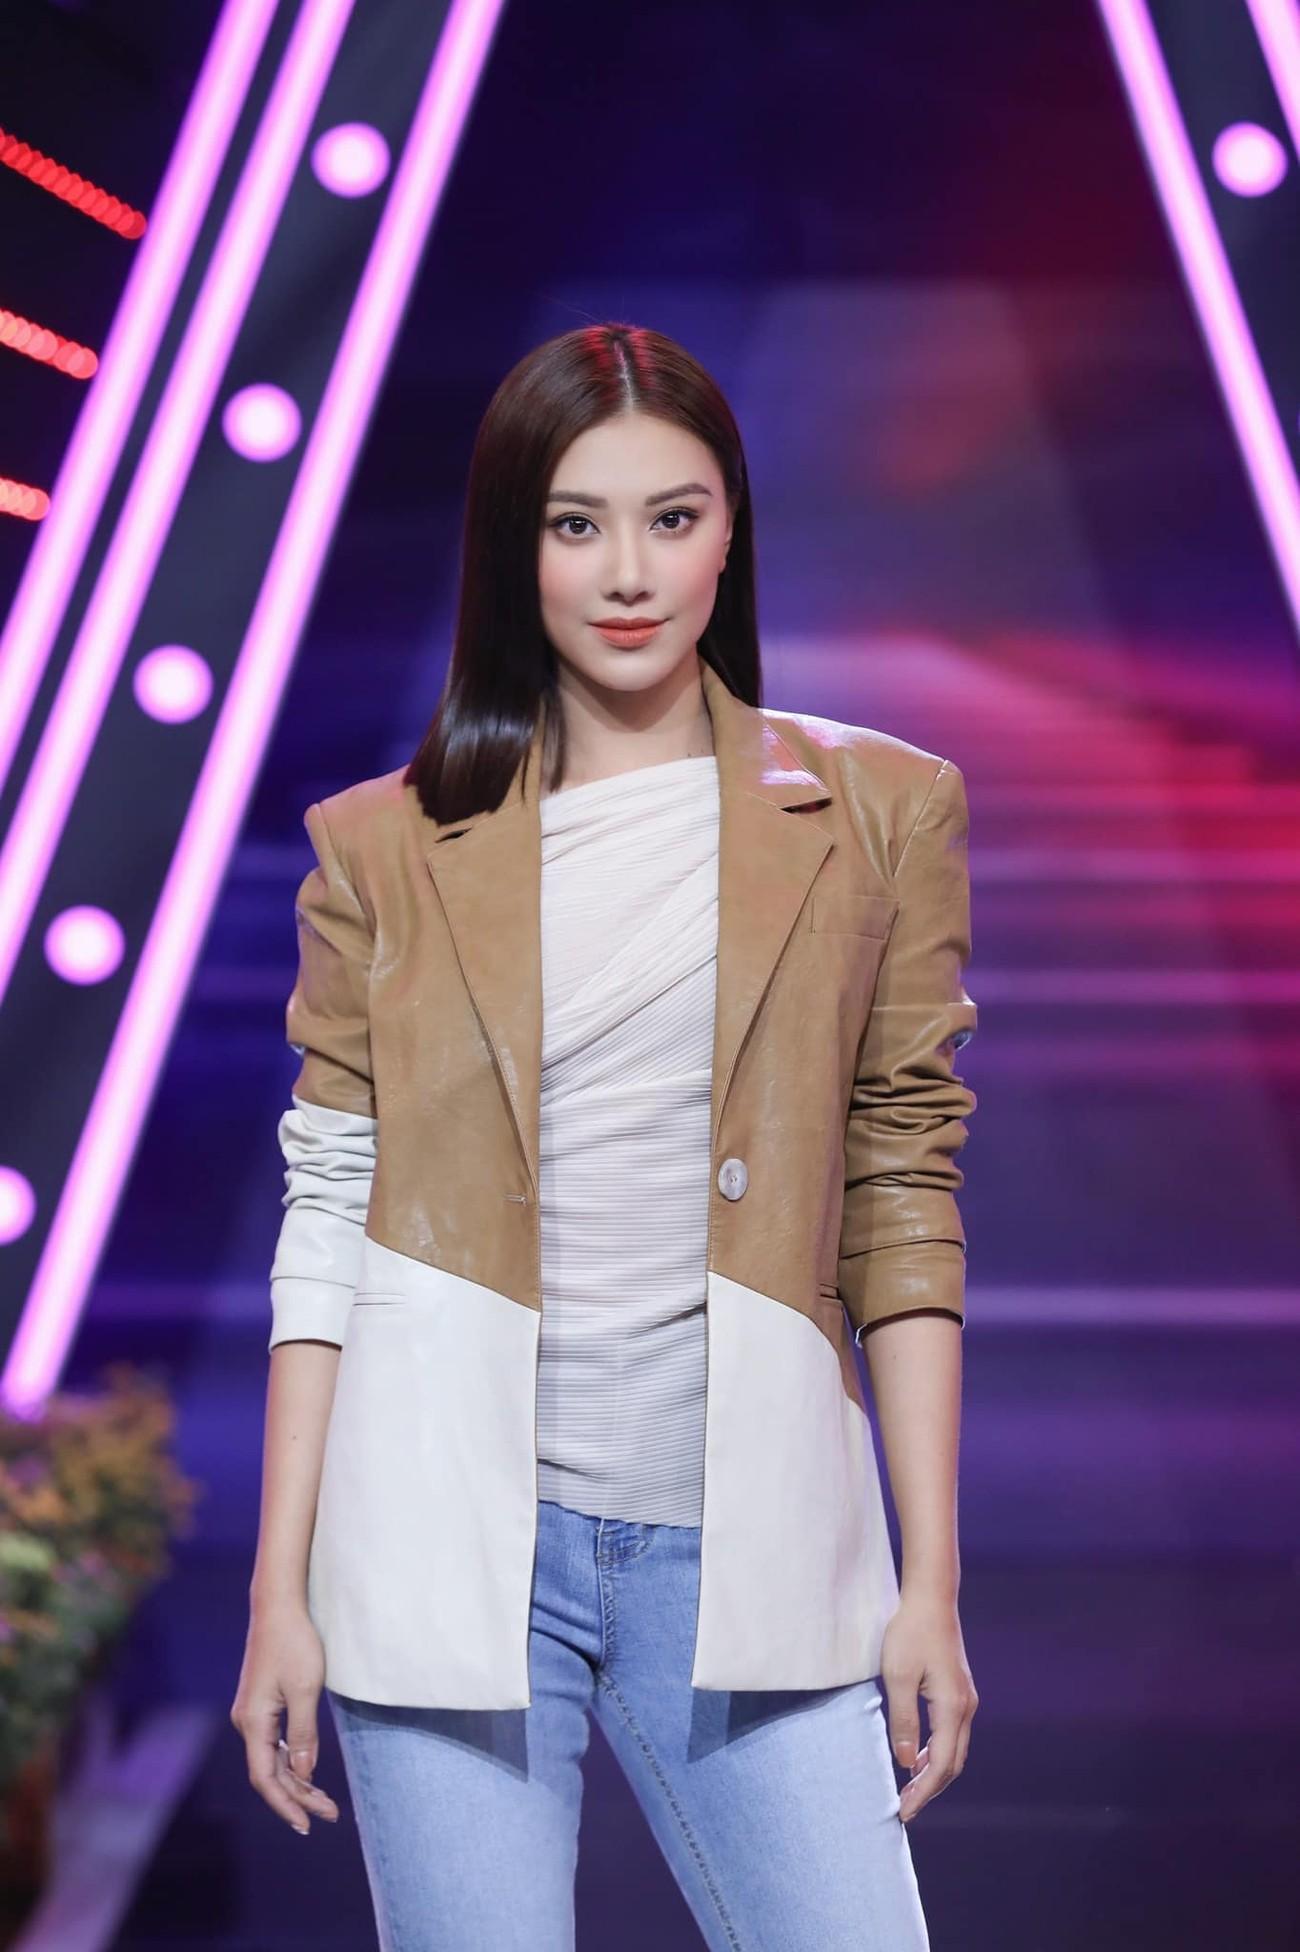 Minh Tú hoá 'nữ thần Cupid' nóng bỏng, Á hậu Phương Anh 'đốt mắt' fans với áo tắm quyến rũ ảnh 12